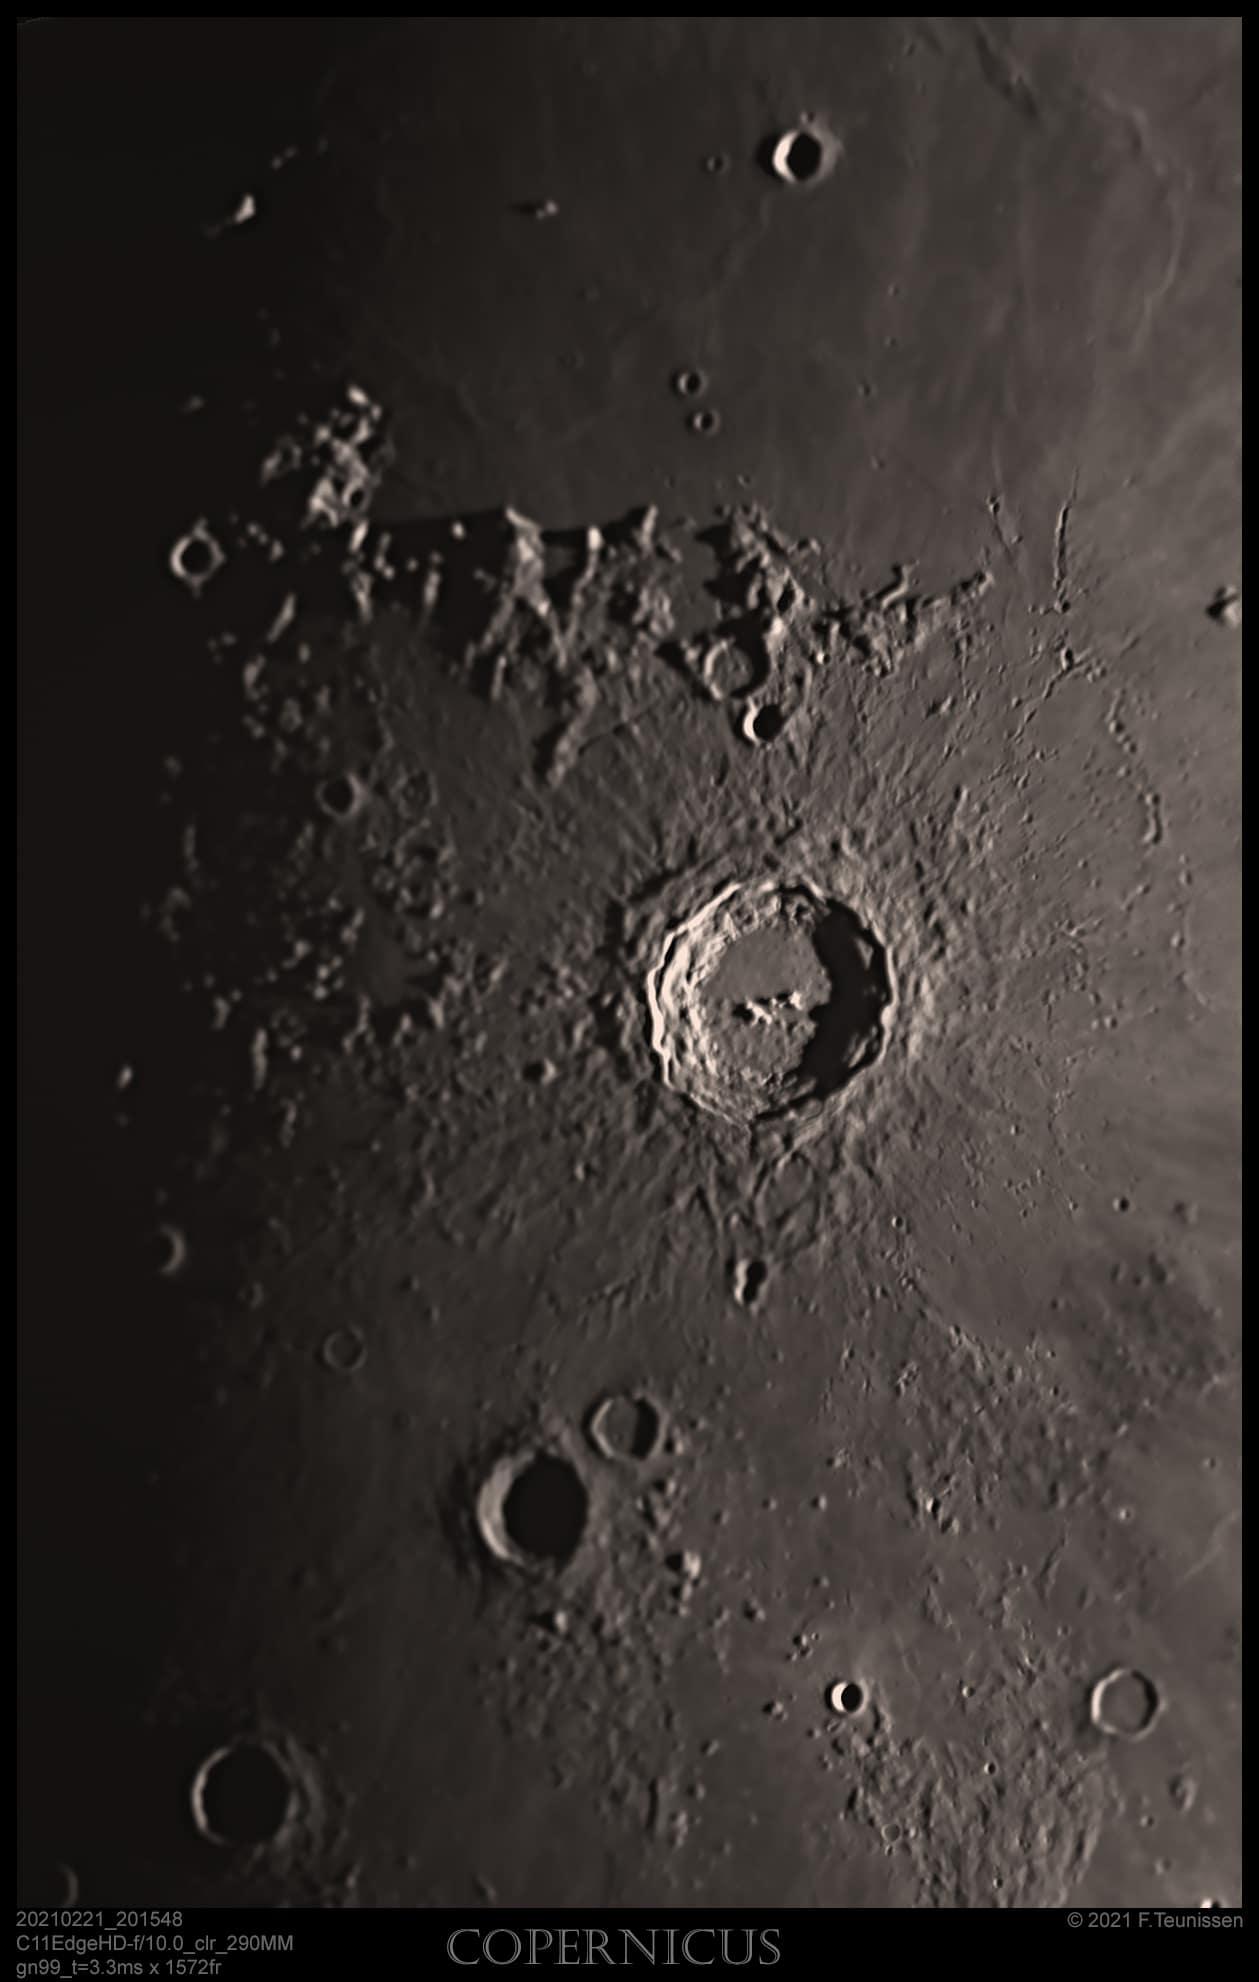 Maan 21 februari 2021 Een aantal opnamen van de Maan via een 11″ telescoop. De Maan was toen v